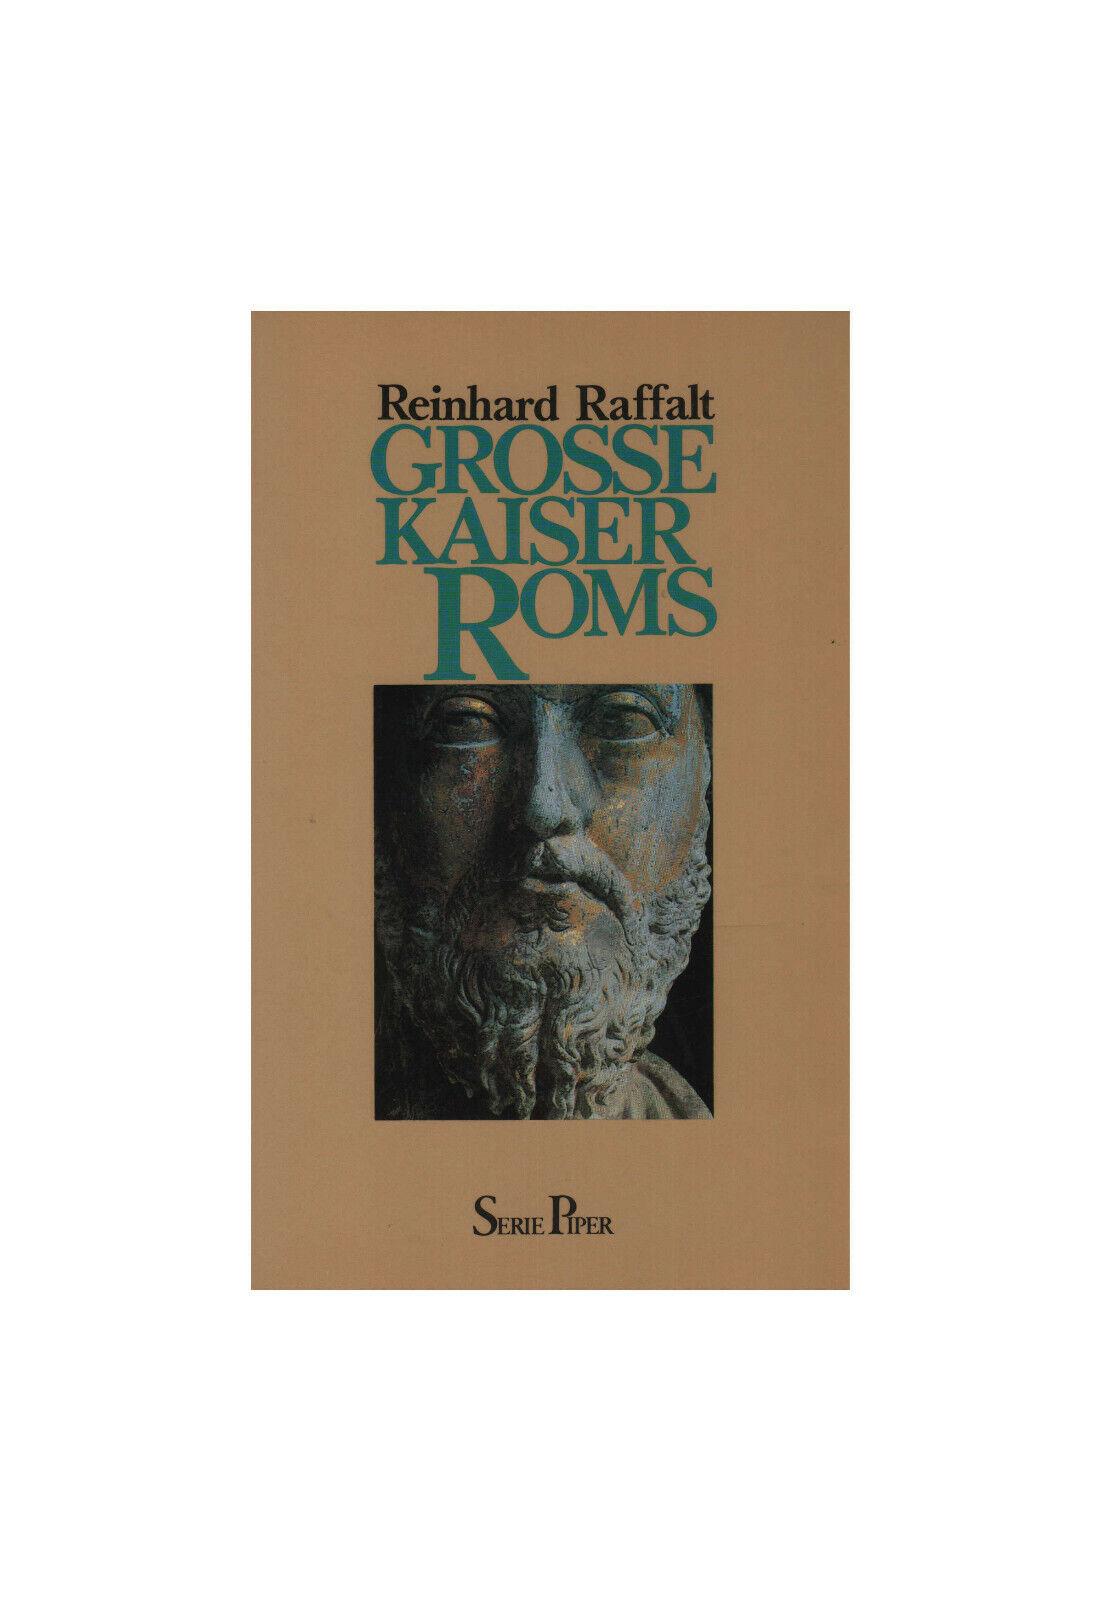 Reinhard Raffalt: Grosse Kaiser Roms